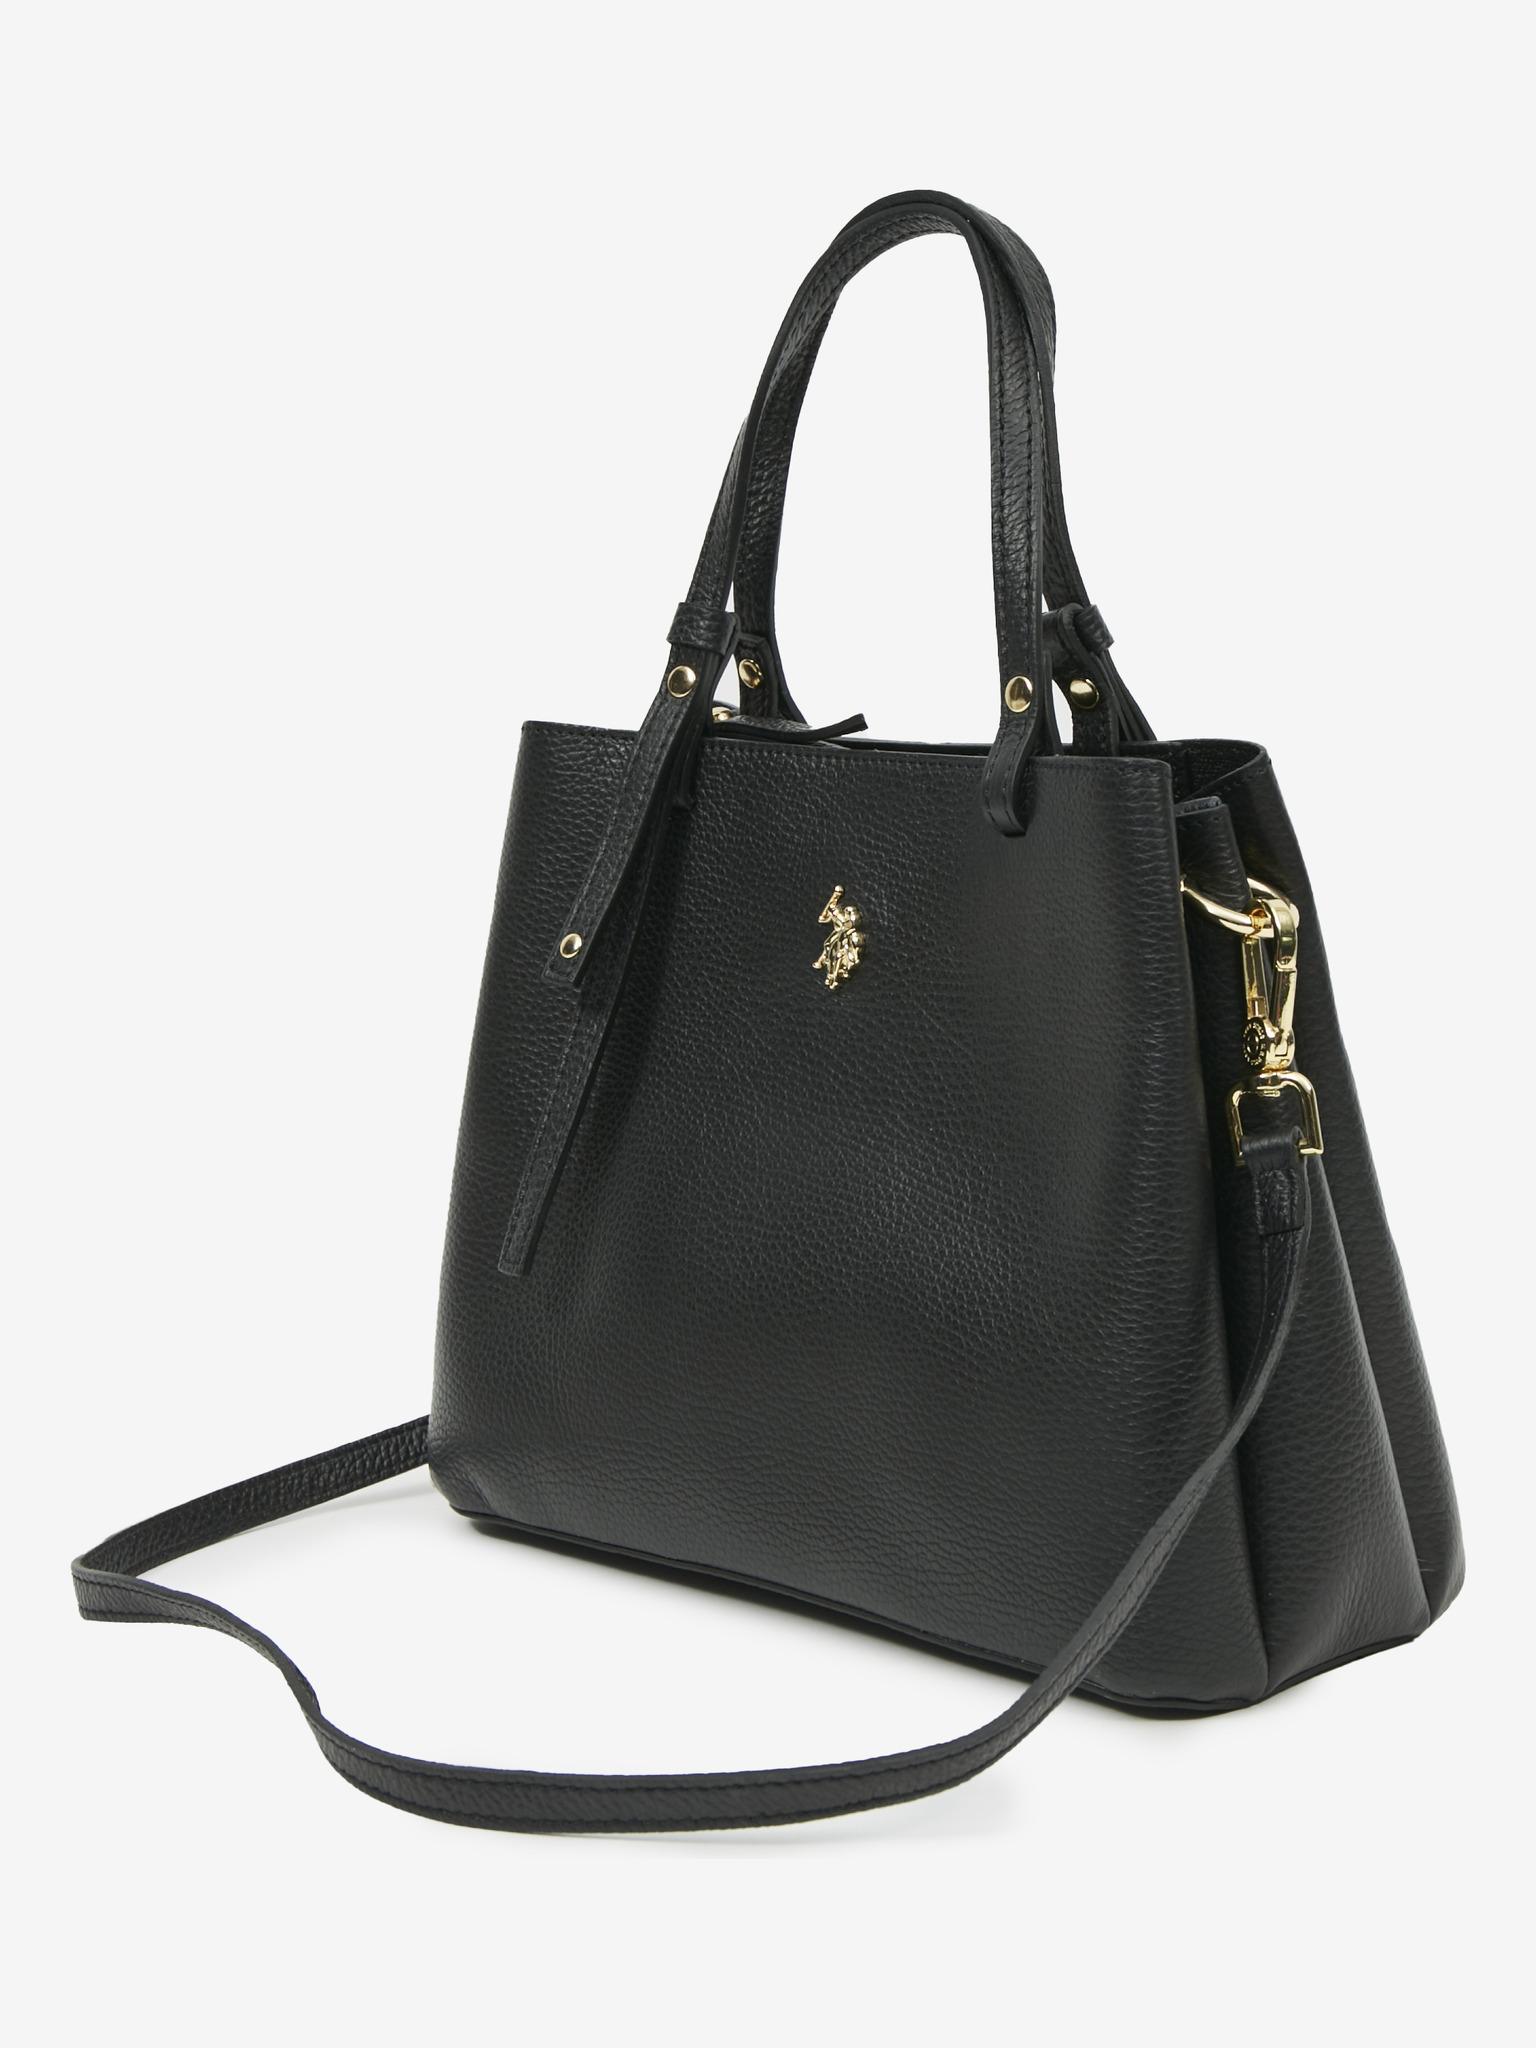 U.S. Polo Assn. Borsetta donna nero  Small